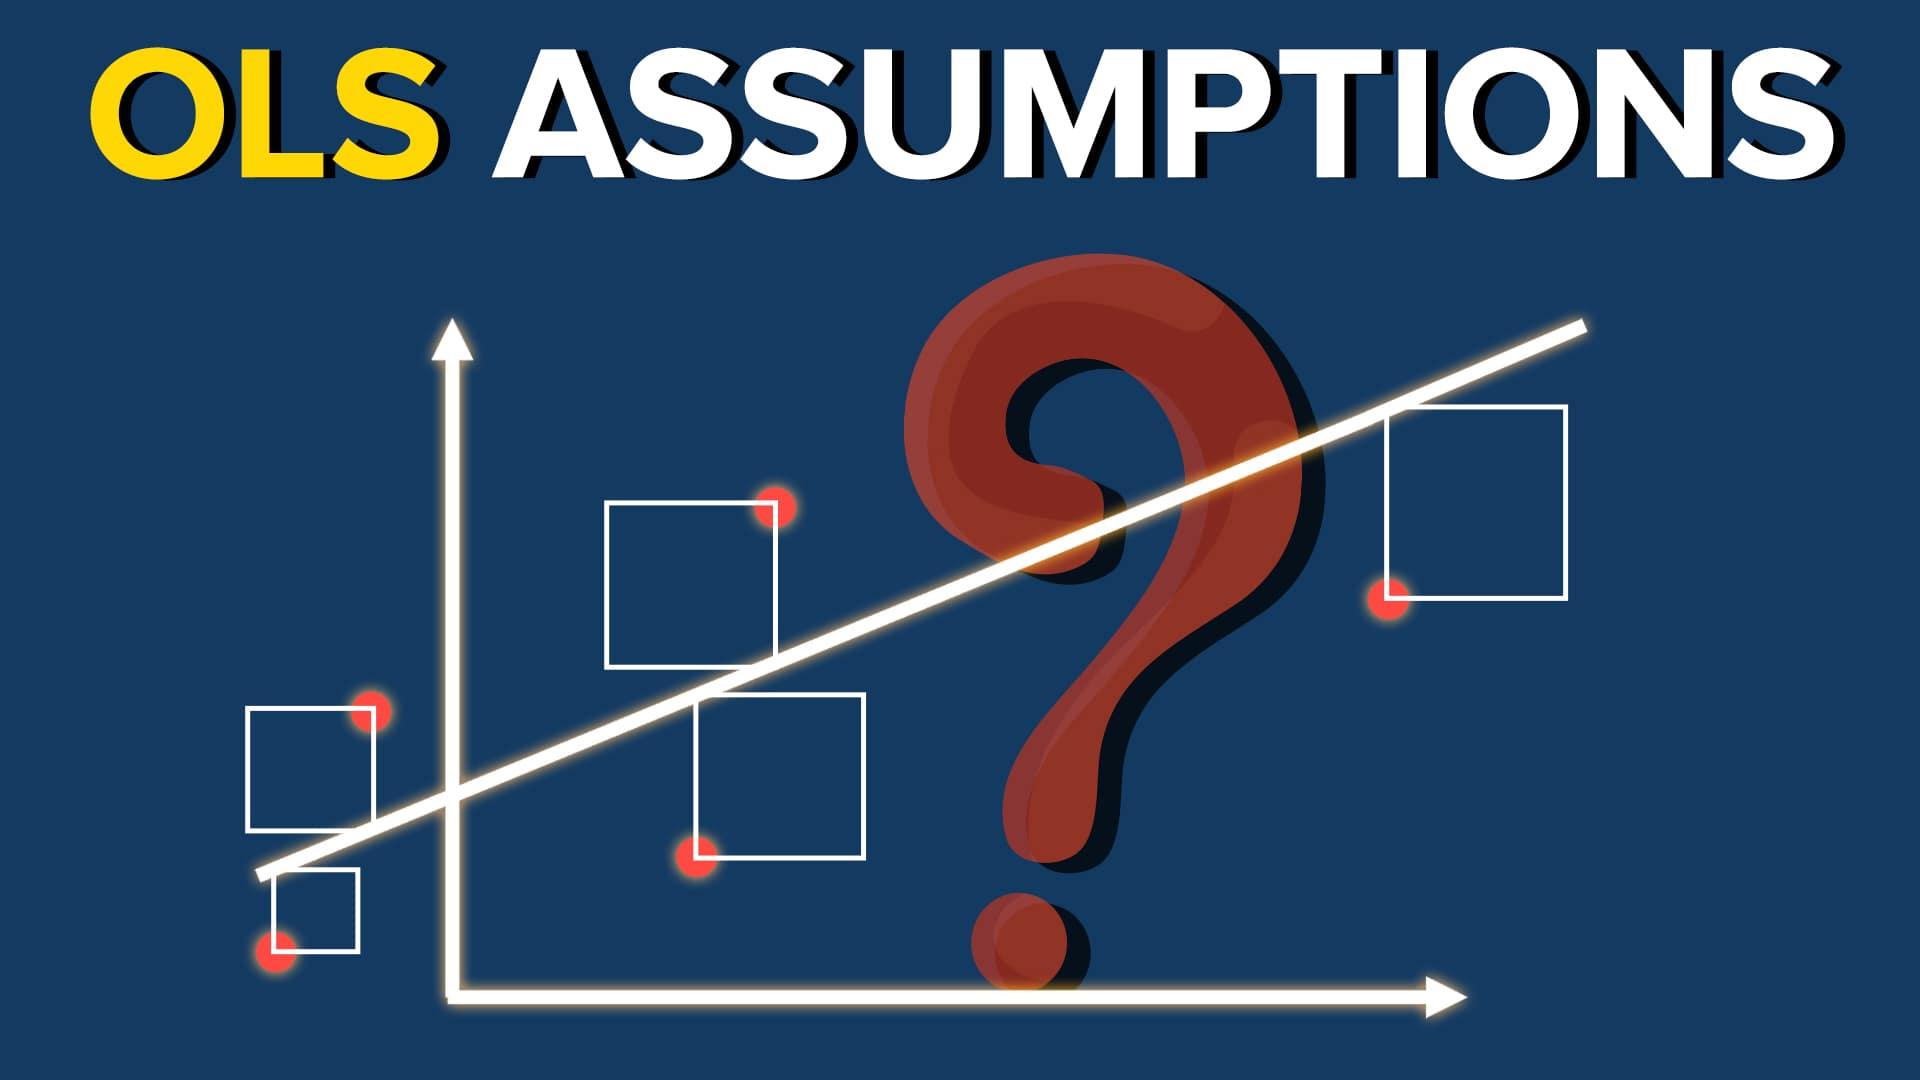 ols_assumptions-min